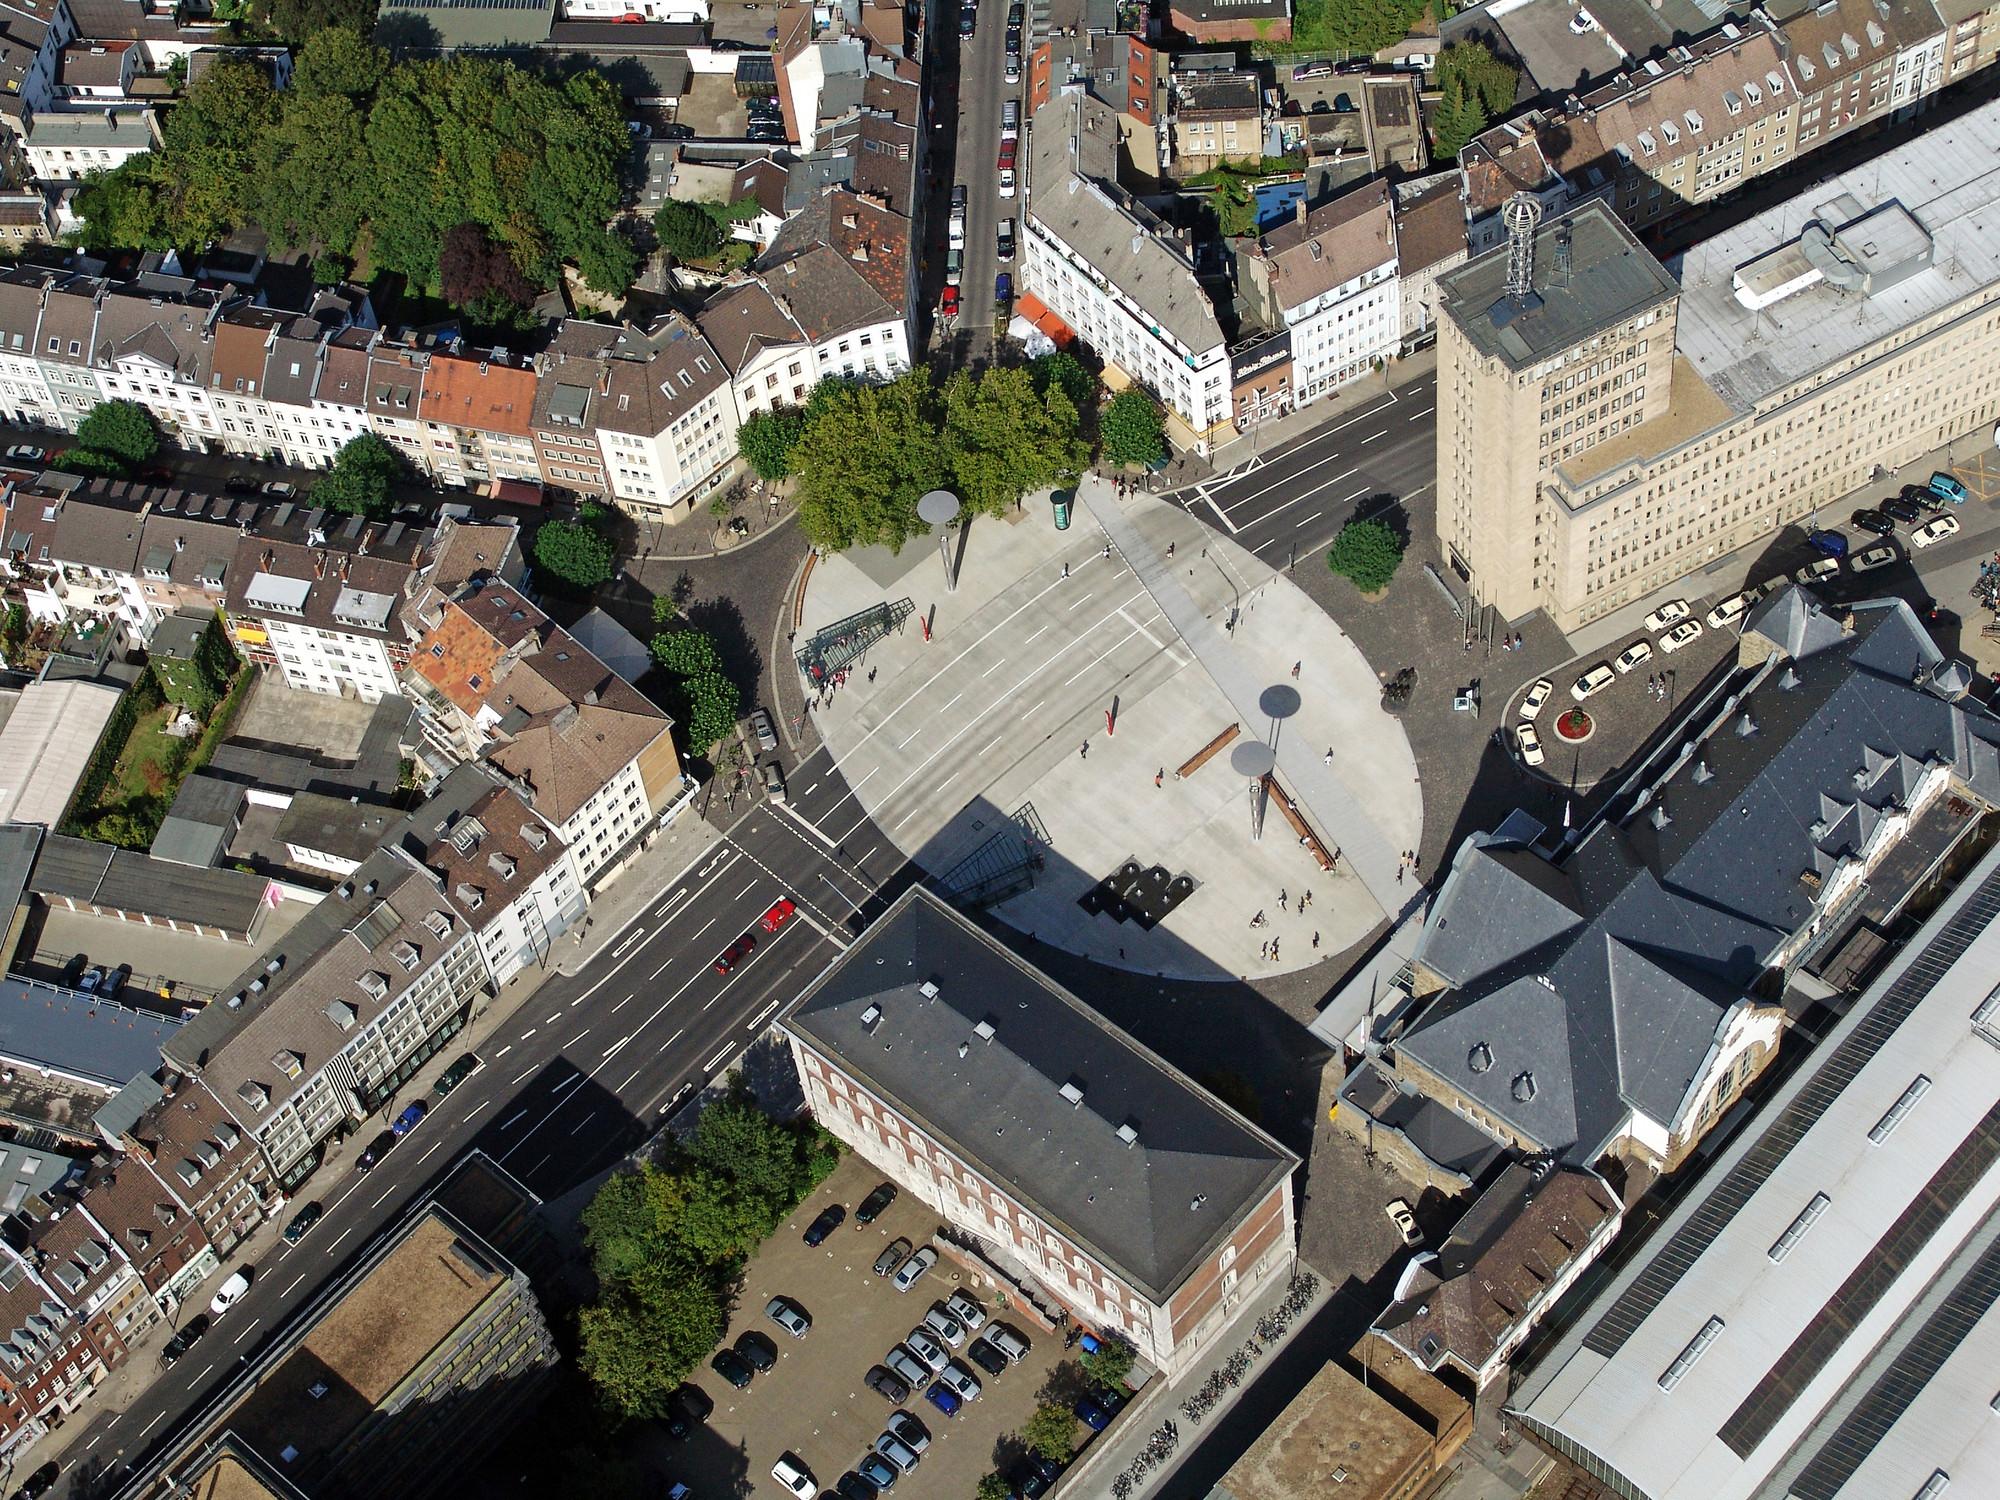 Bahnhofplatz Aachen / HH+F Architekten Hentrup Heyes + Fuhrmann, Courtesy of HH+F Architekten Hentrup Heyes + Fuhrmann